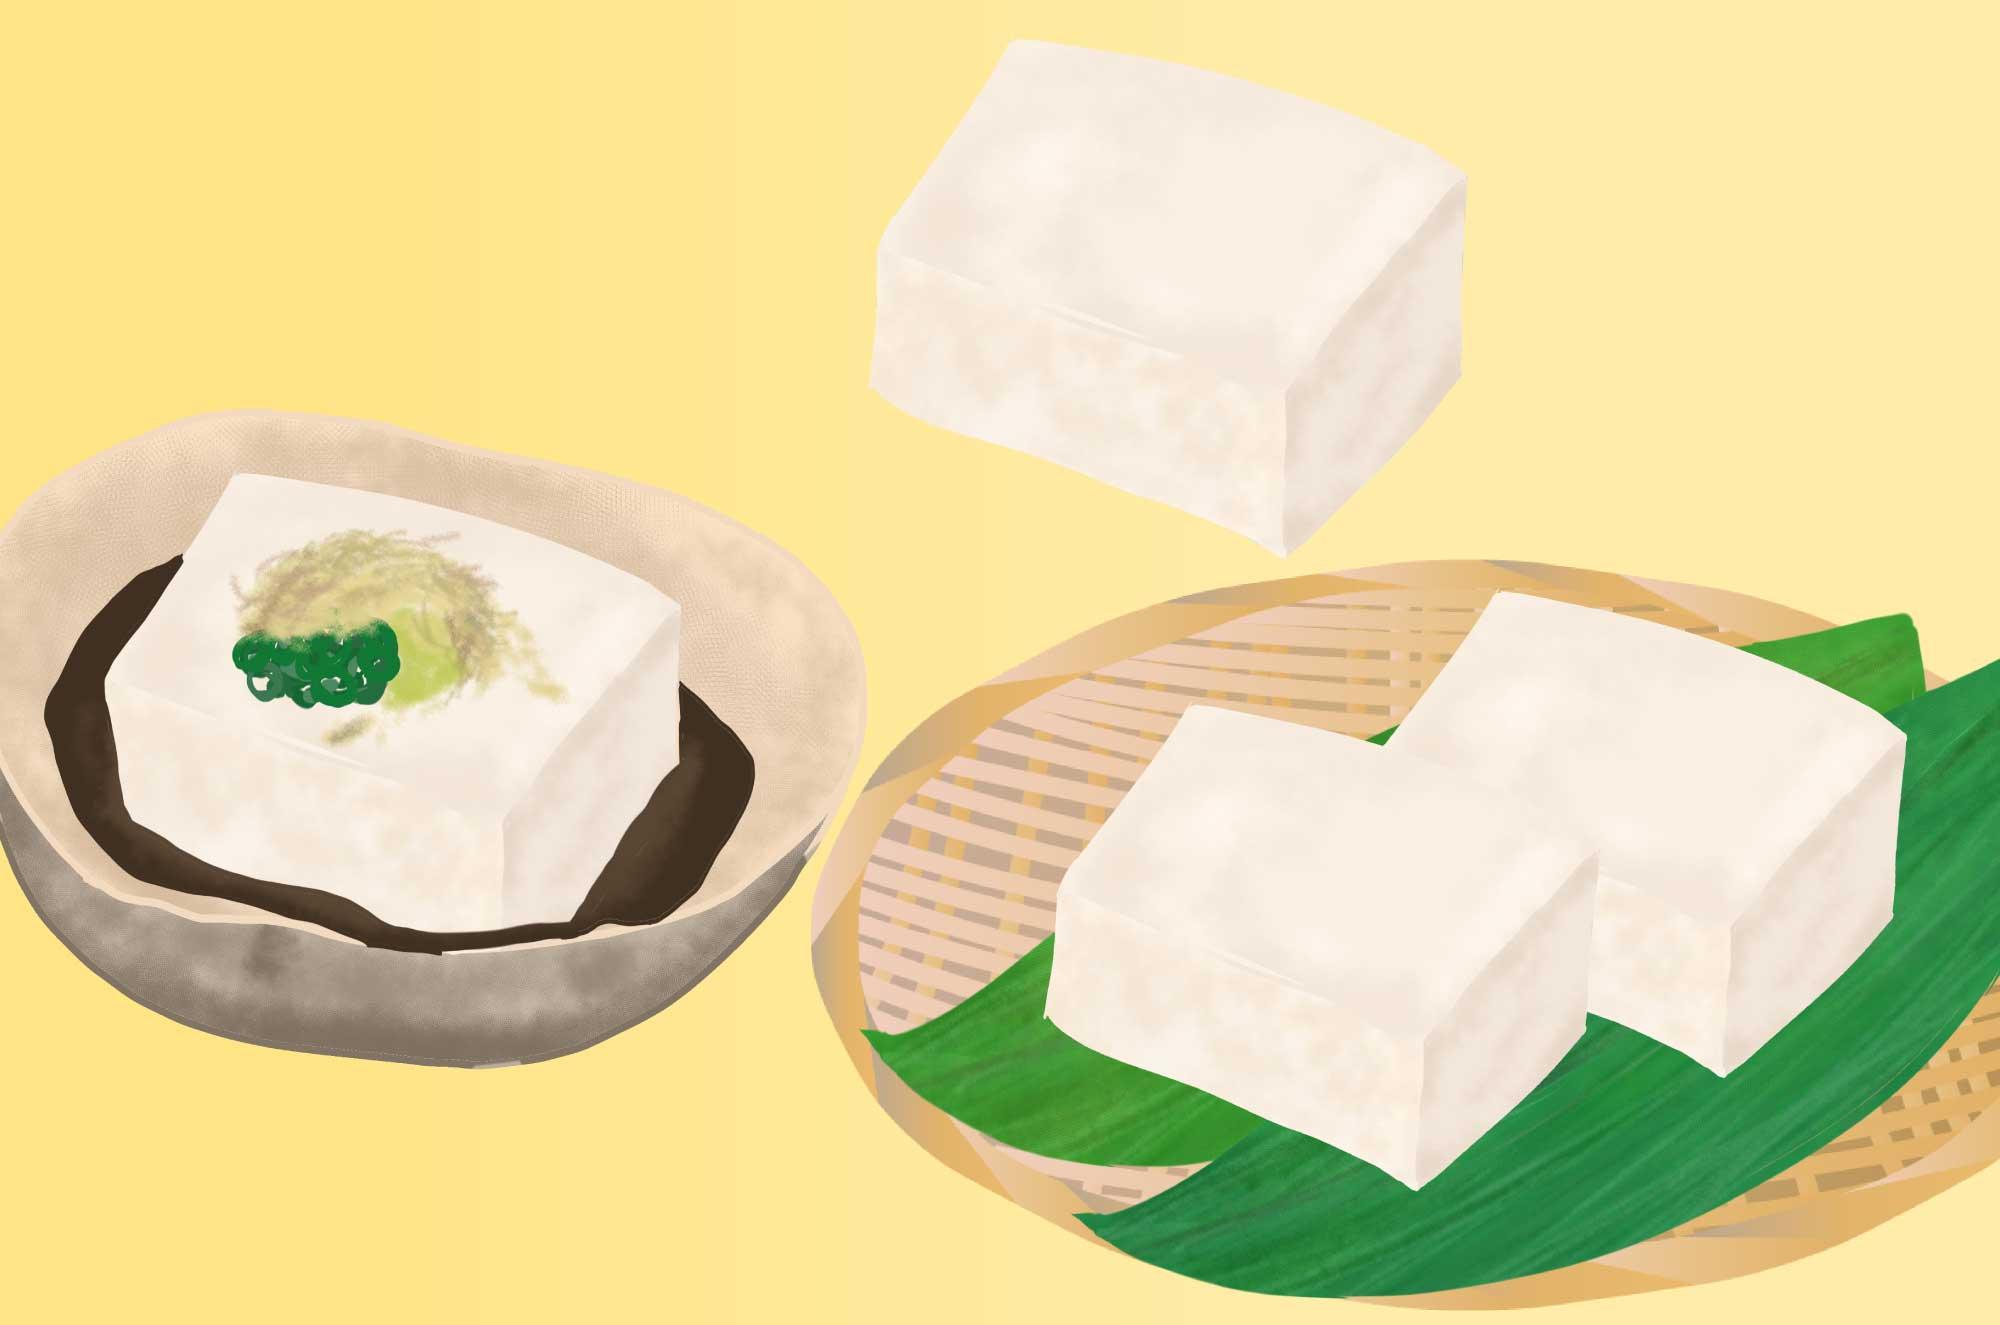 豆腐のイラスト - 美味しそうな冷奴の無料素材